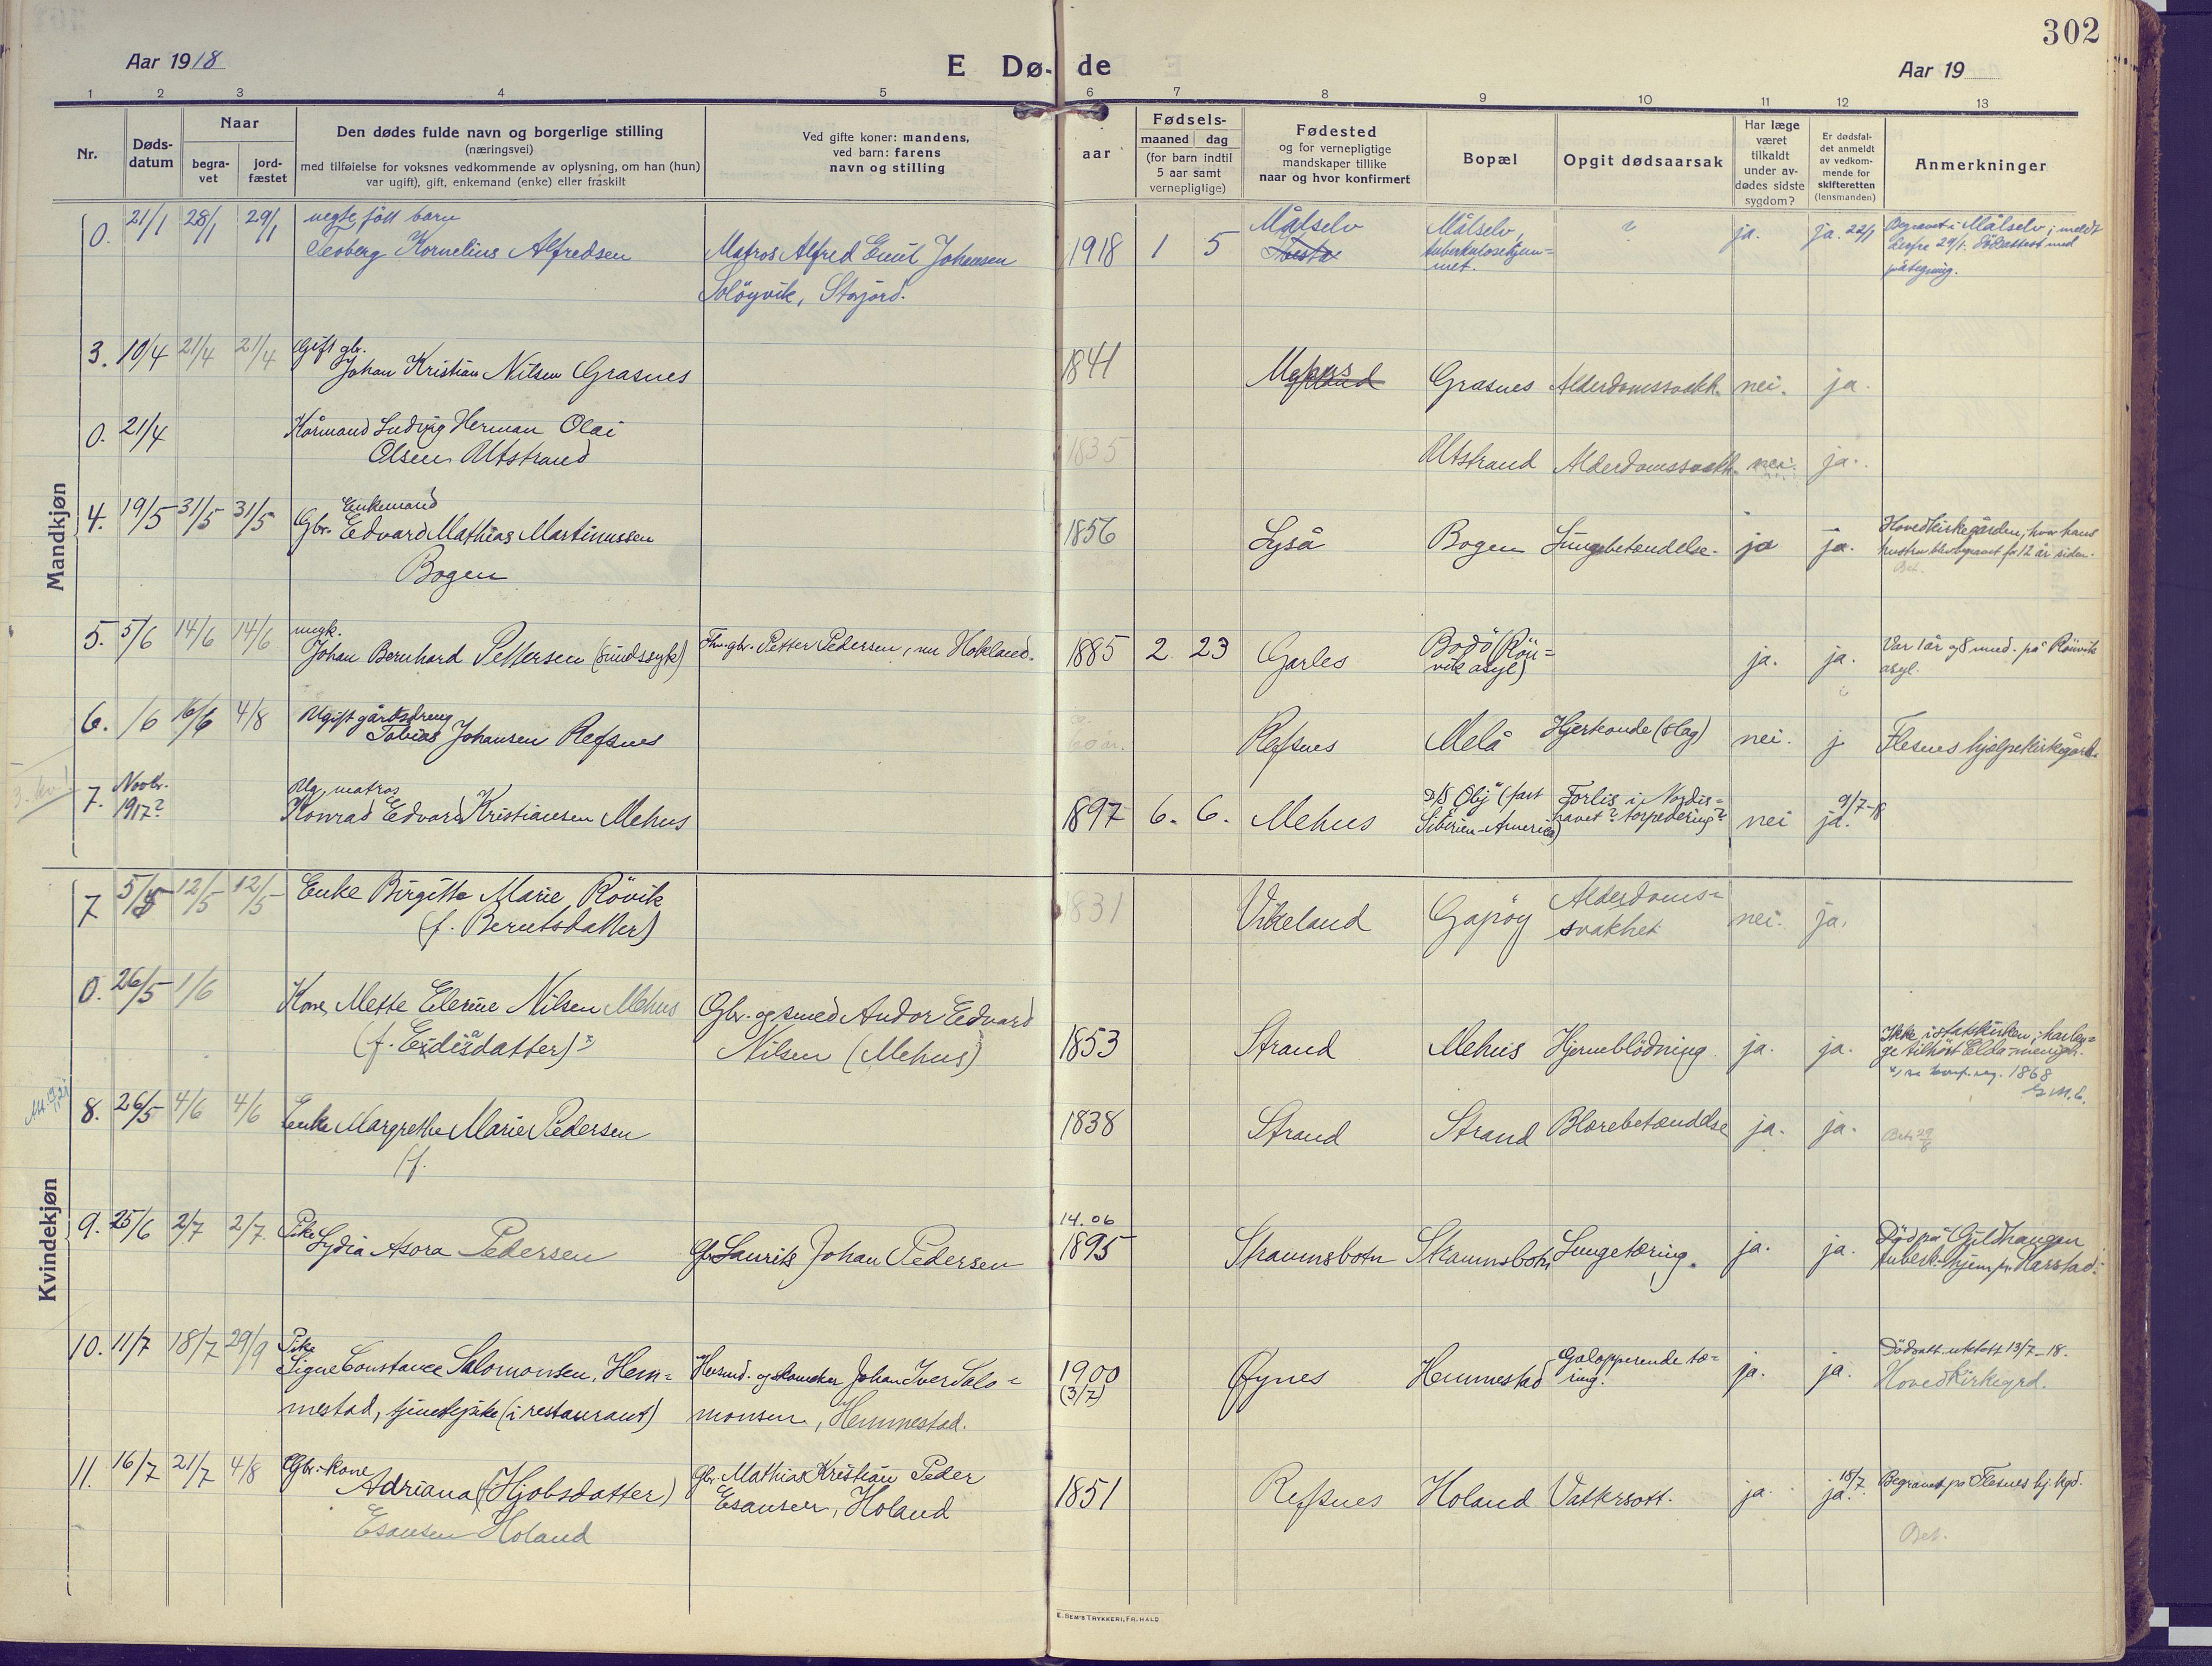 SATØ, Kvæfjord sokneprestkontor, G/Ga/Gaa/L0007kirke: Ministerialbok nr. 7, 1915-1931, s. 302